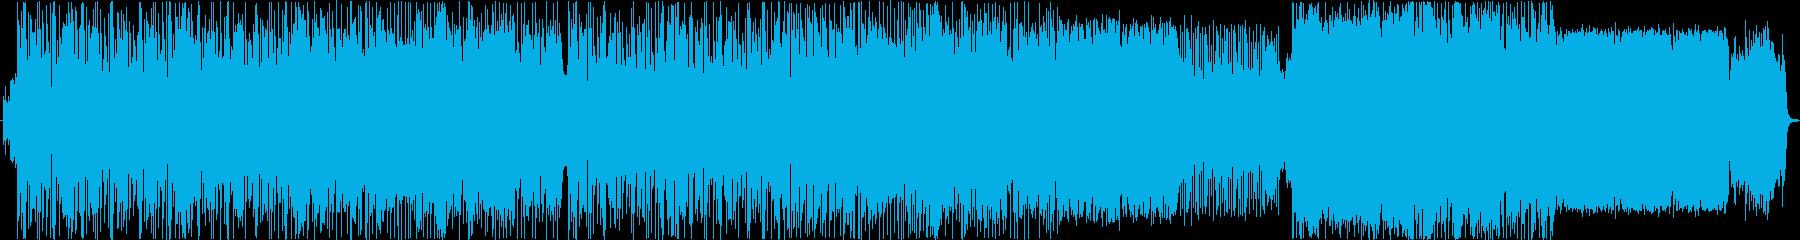 70 'スタイル。の再生済みの波形